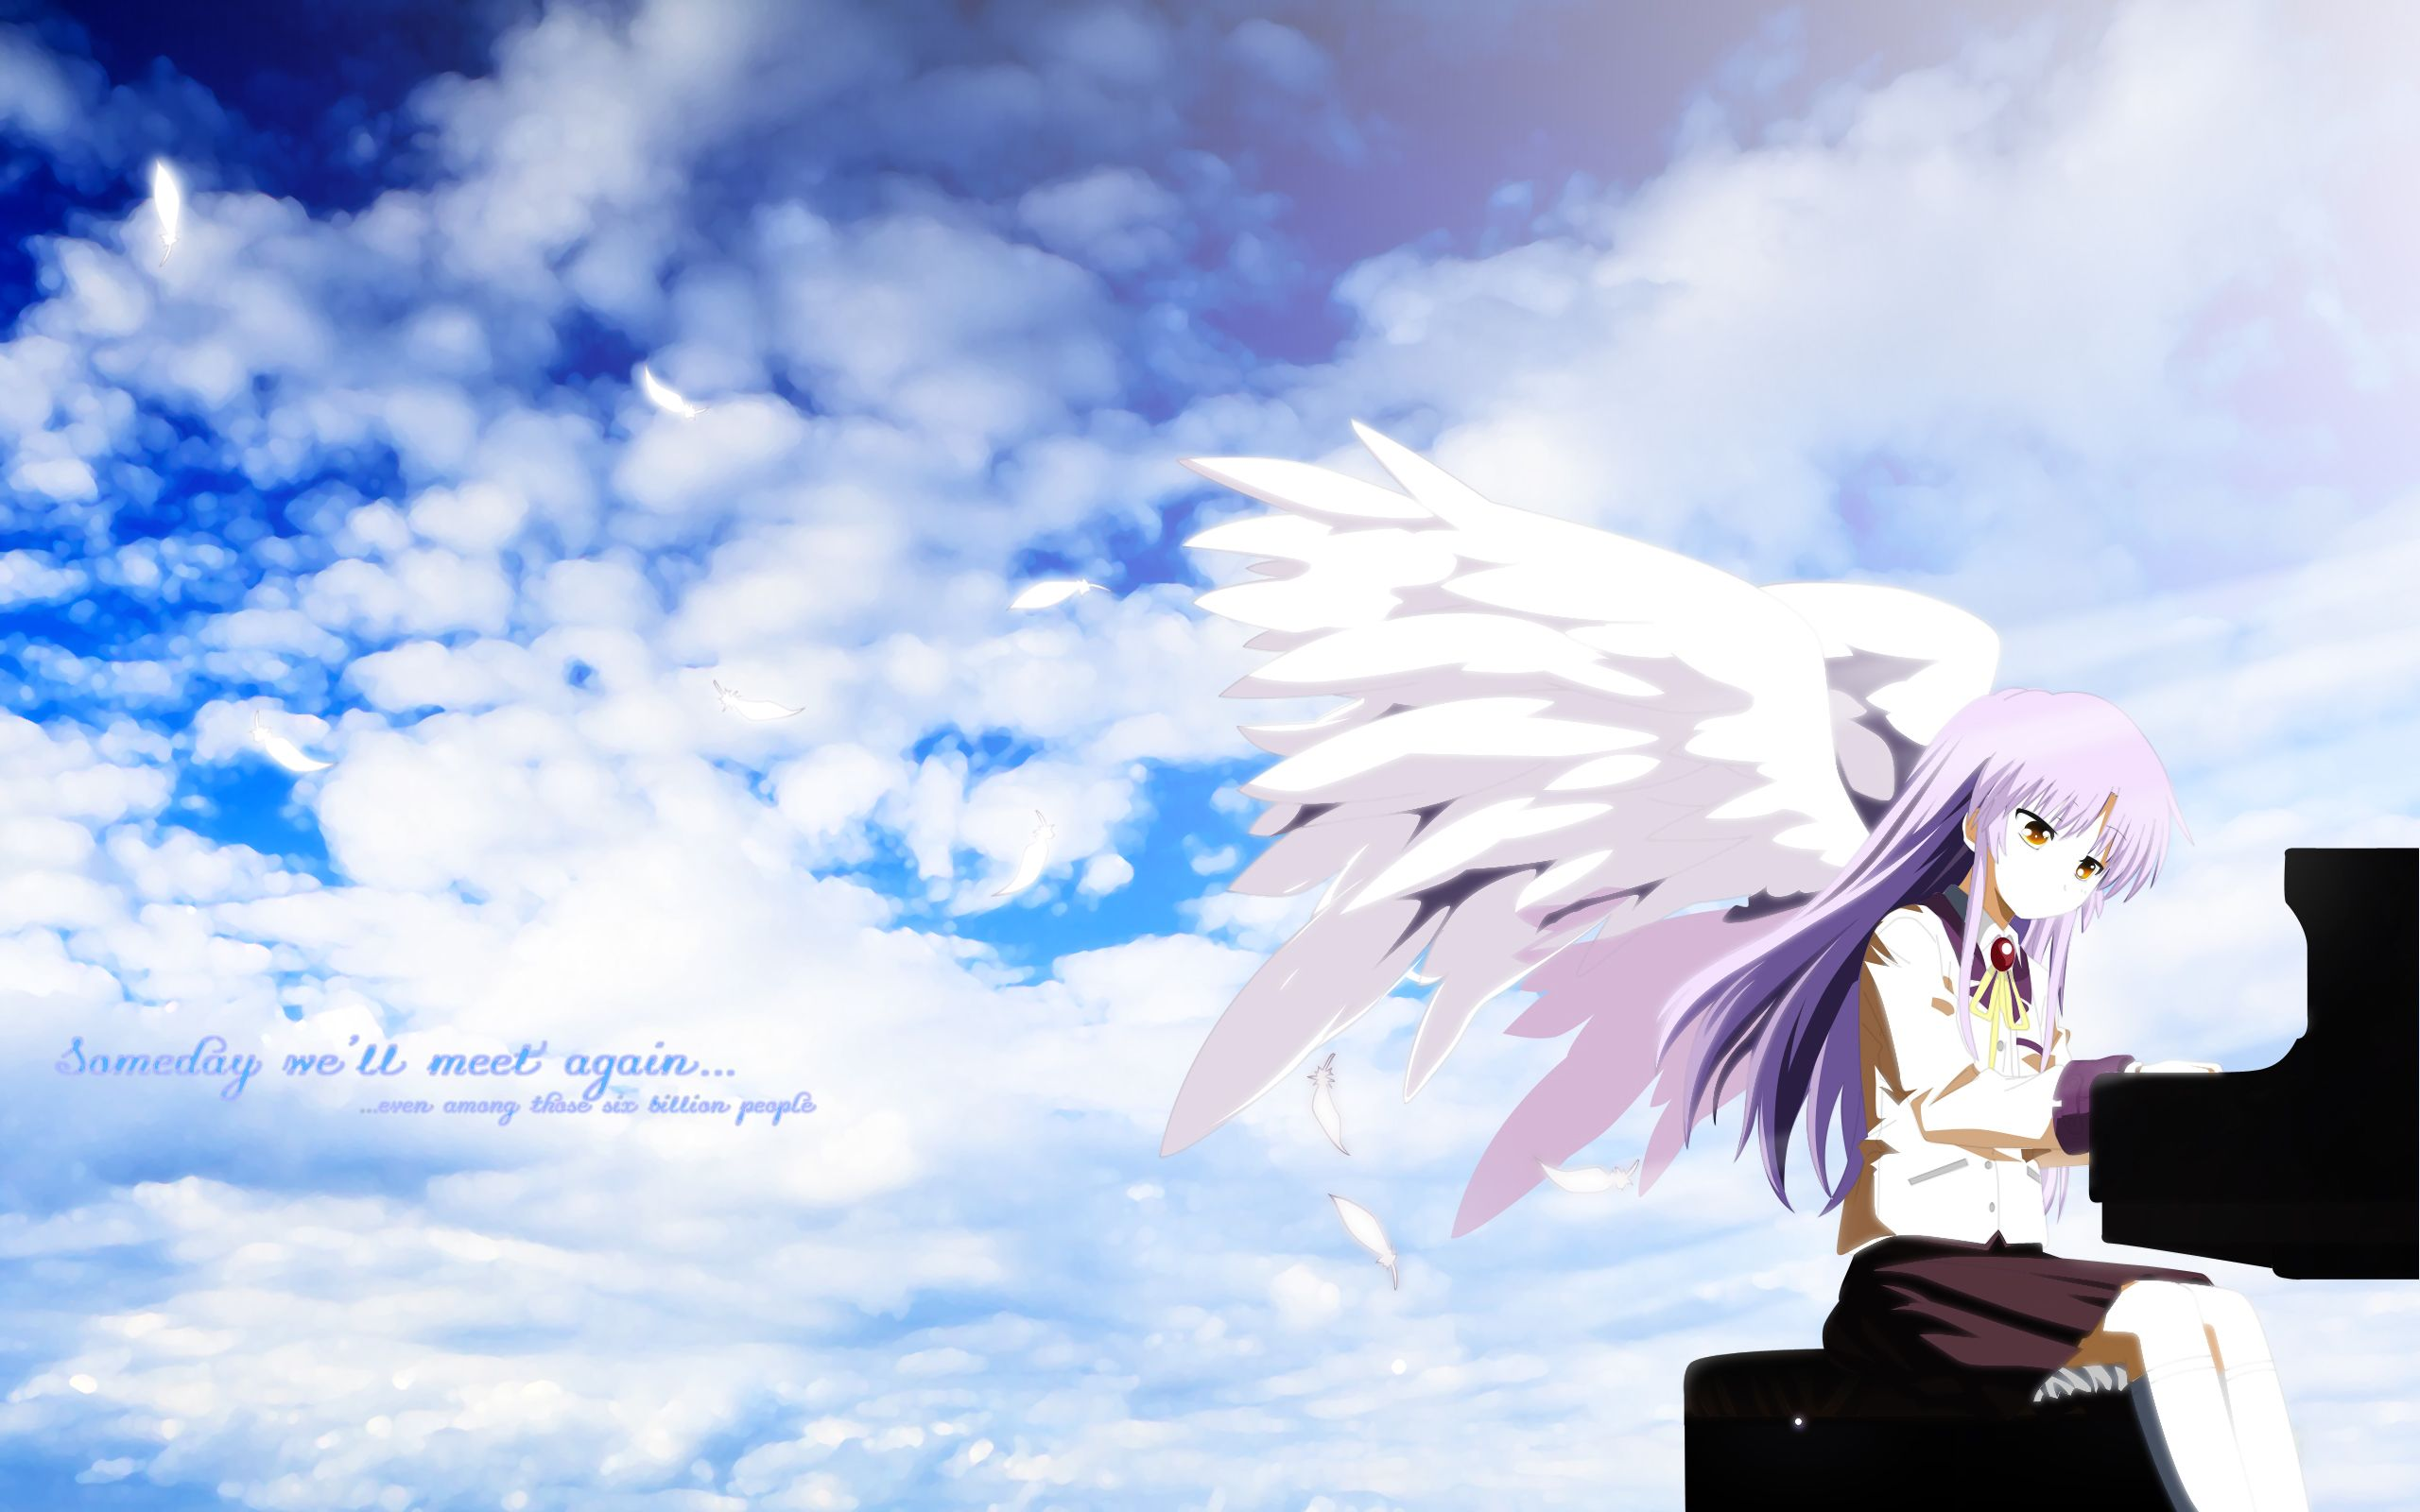 Angel Beats Computer Wallpapers Desktop Backgrounds 2560x1600 Id 195698 Angel Beats Angel Beats Anime Beats Wallpaper